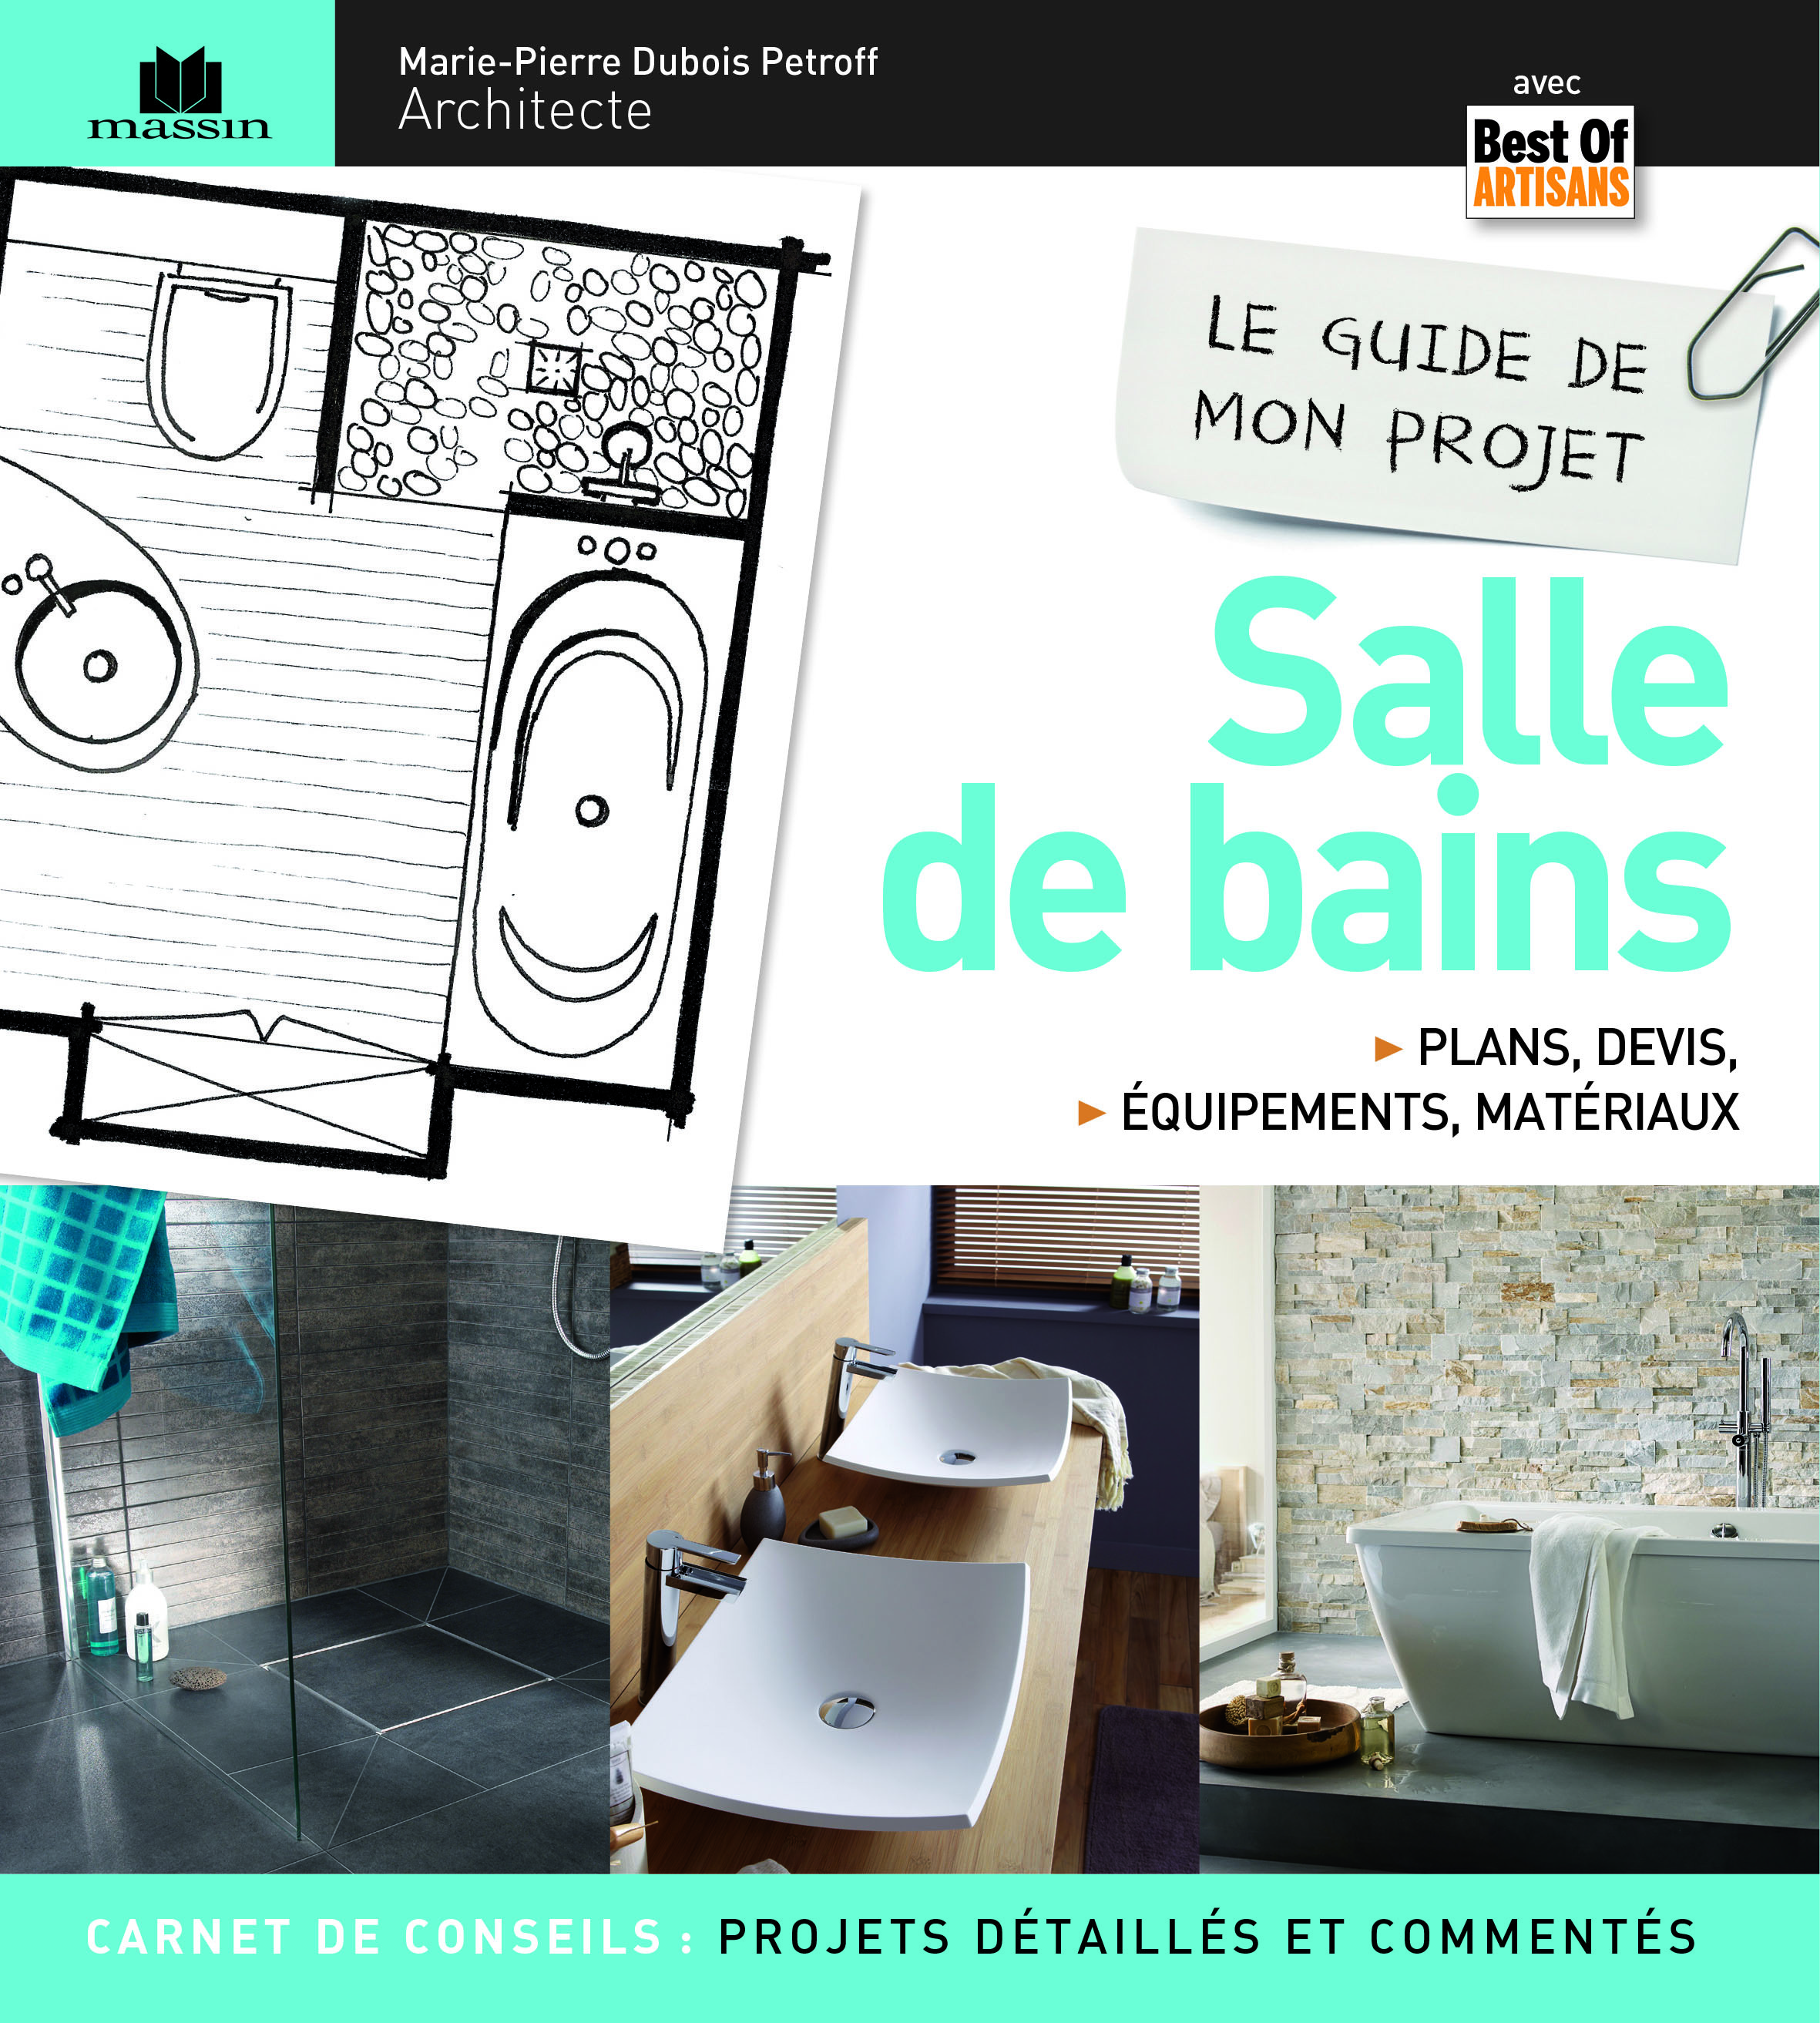 LE GUIDE DE MON PROJET DE SALLE DE BAINS